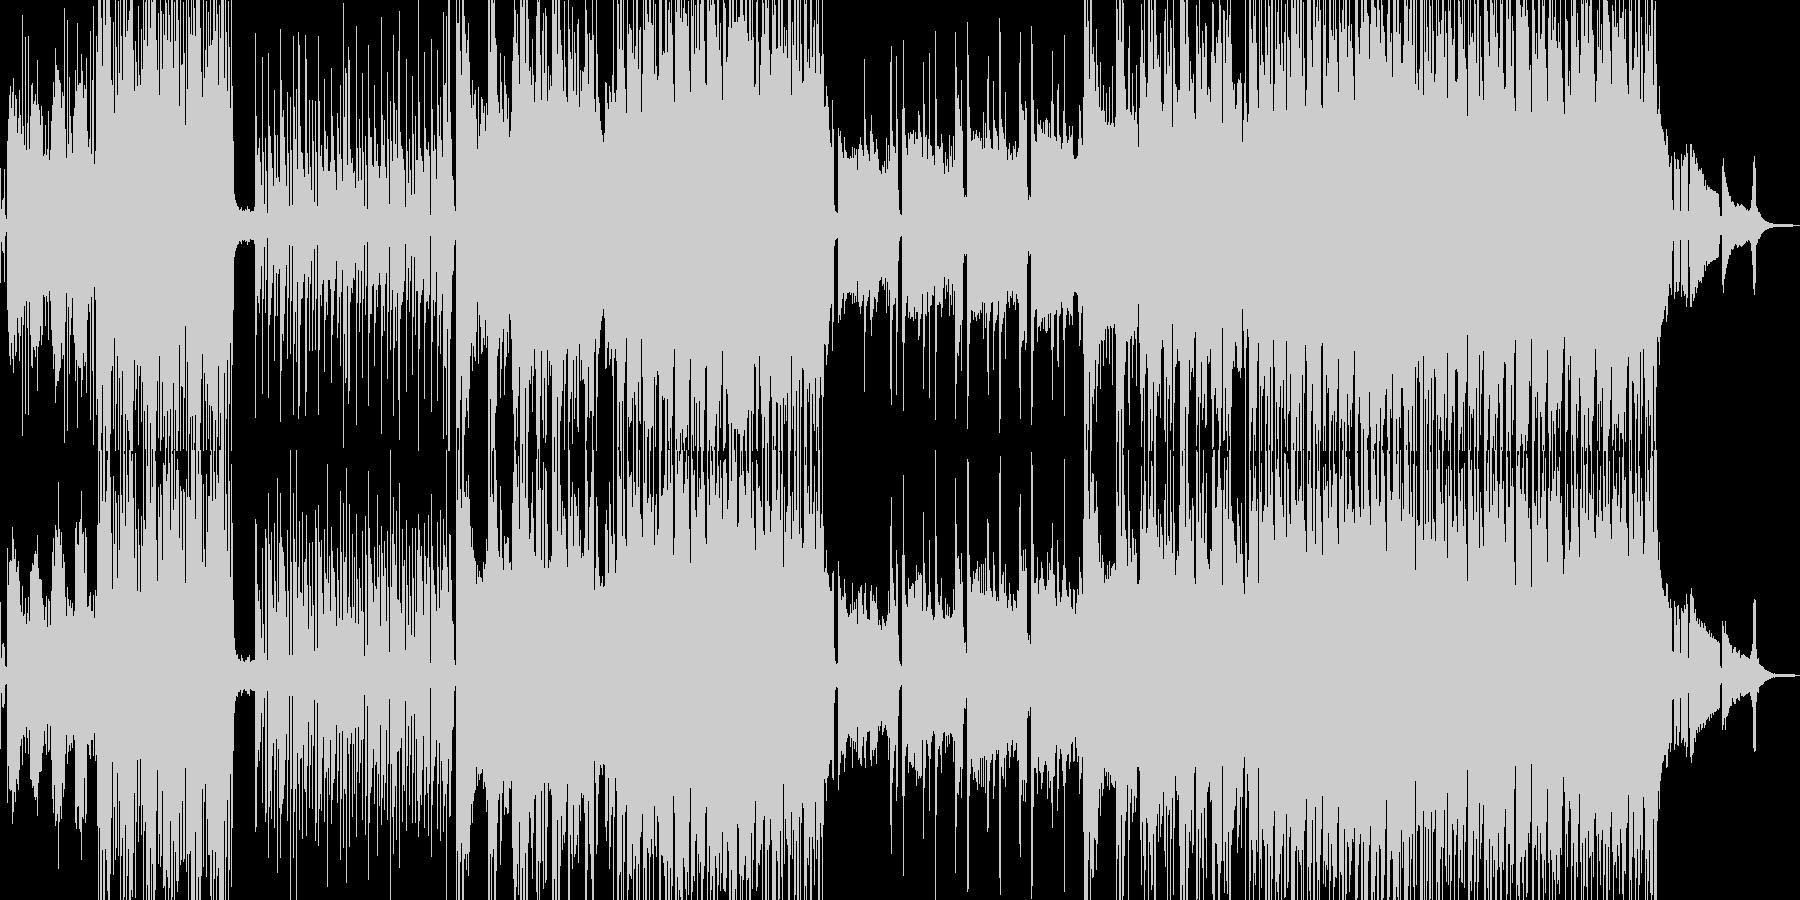 トロピカルで踊りだすユニークなBGMの未再生の波形